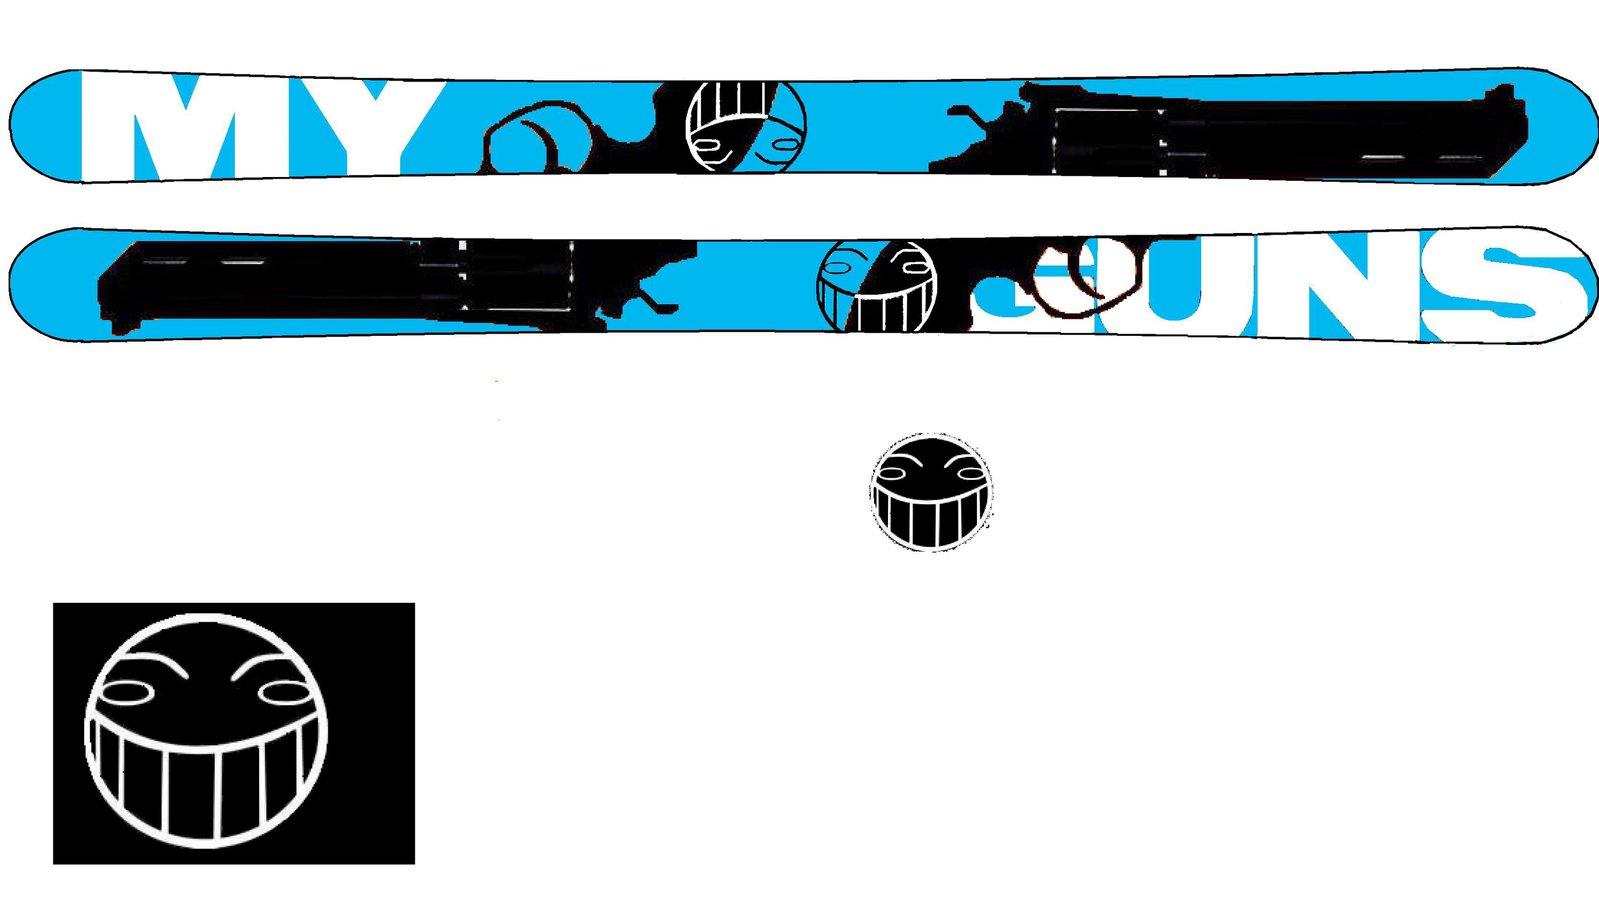 Ski Design v3